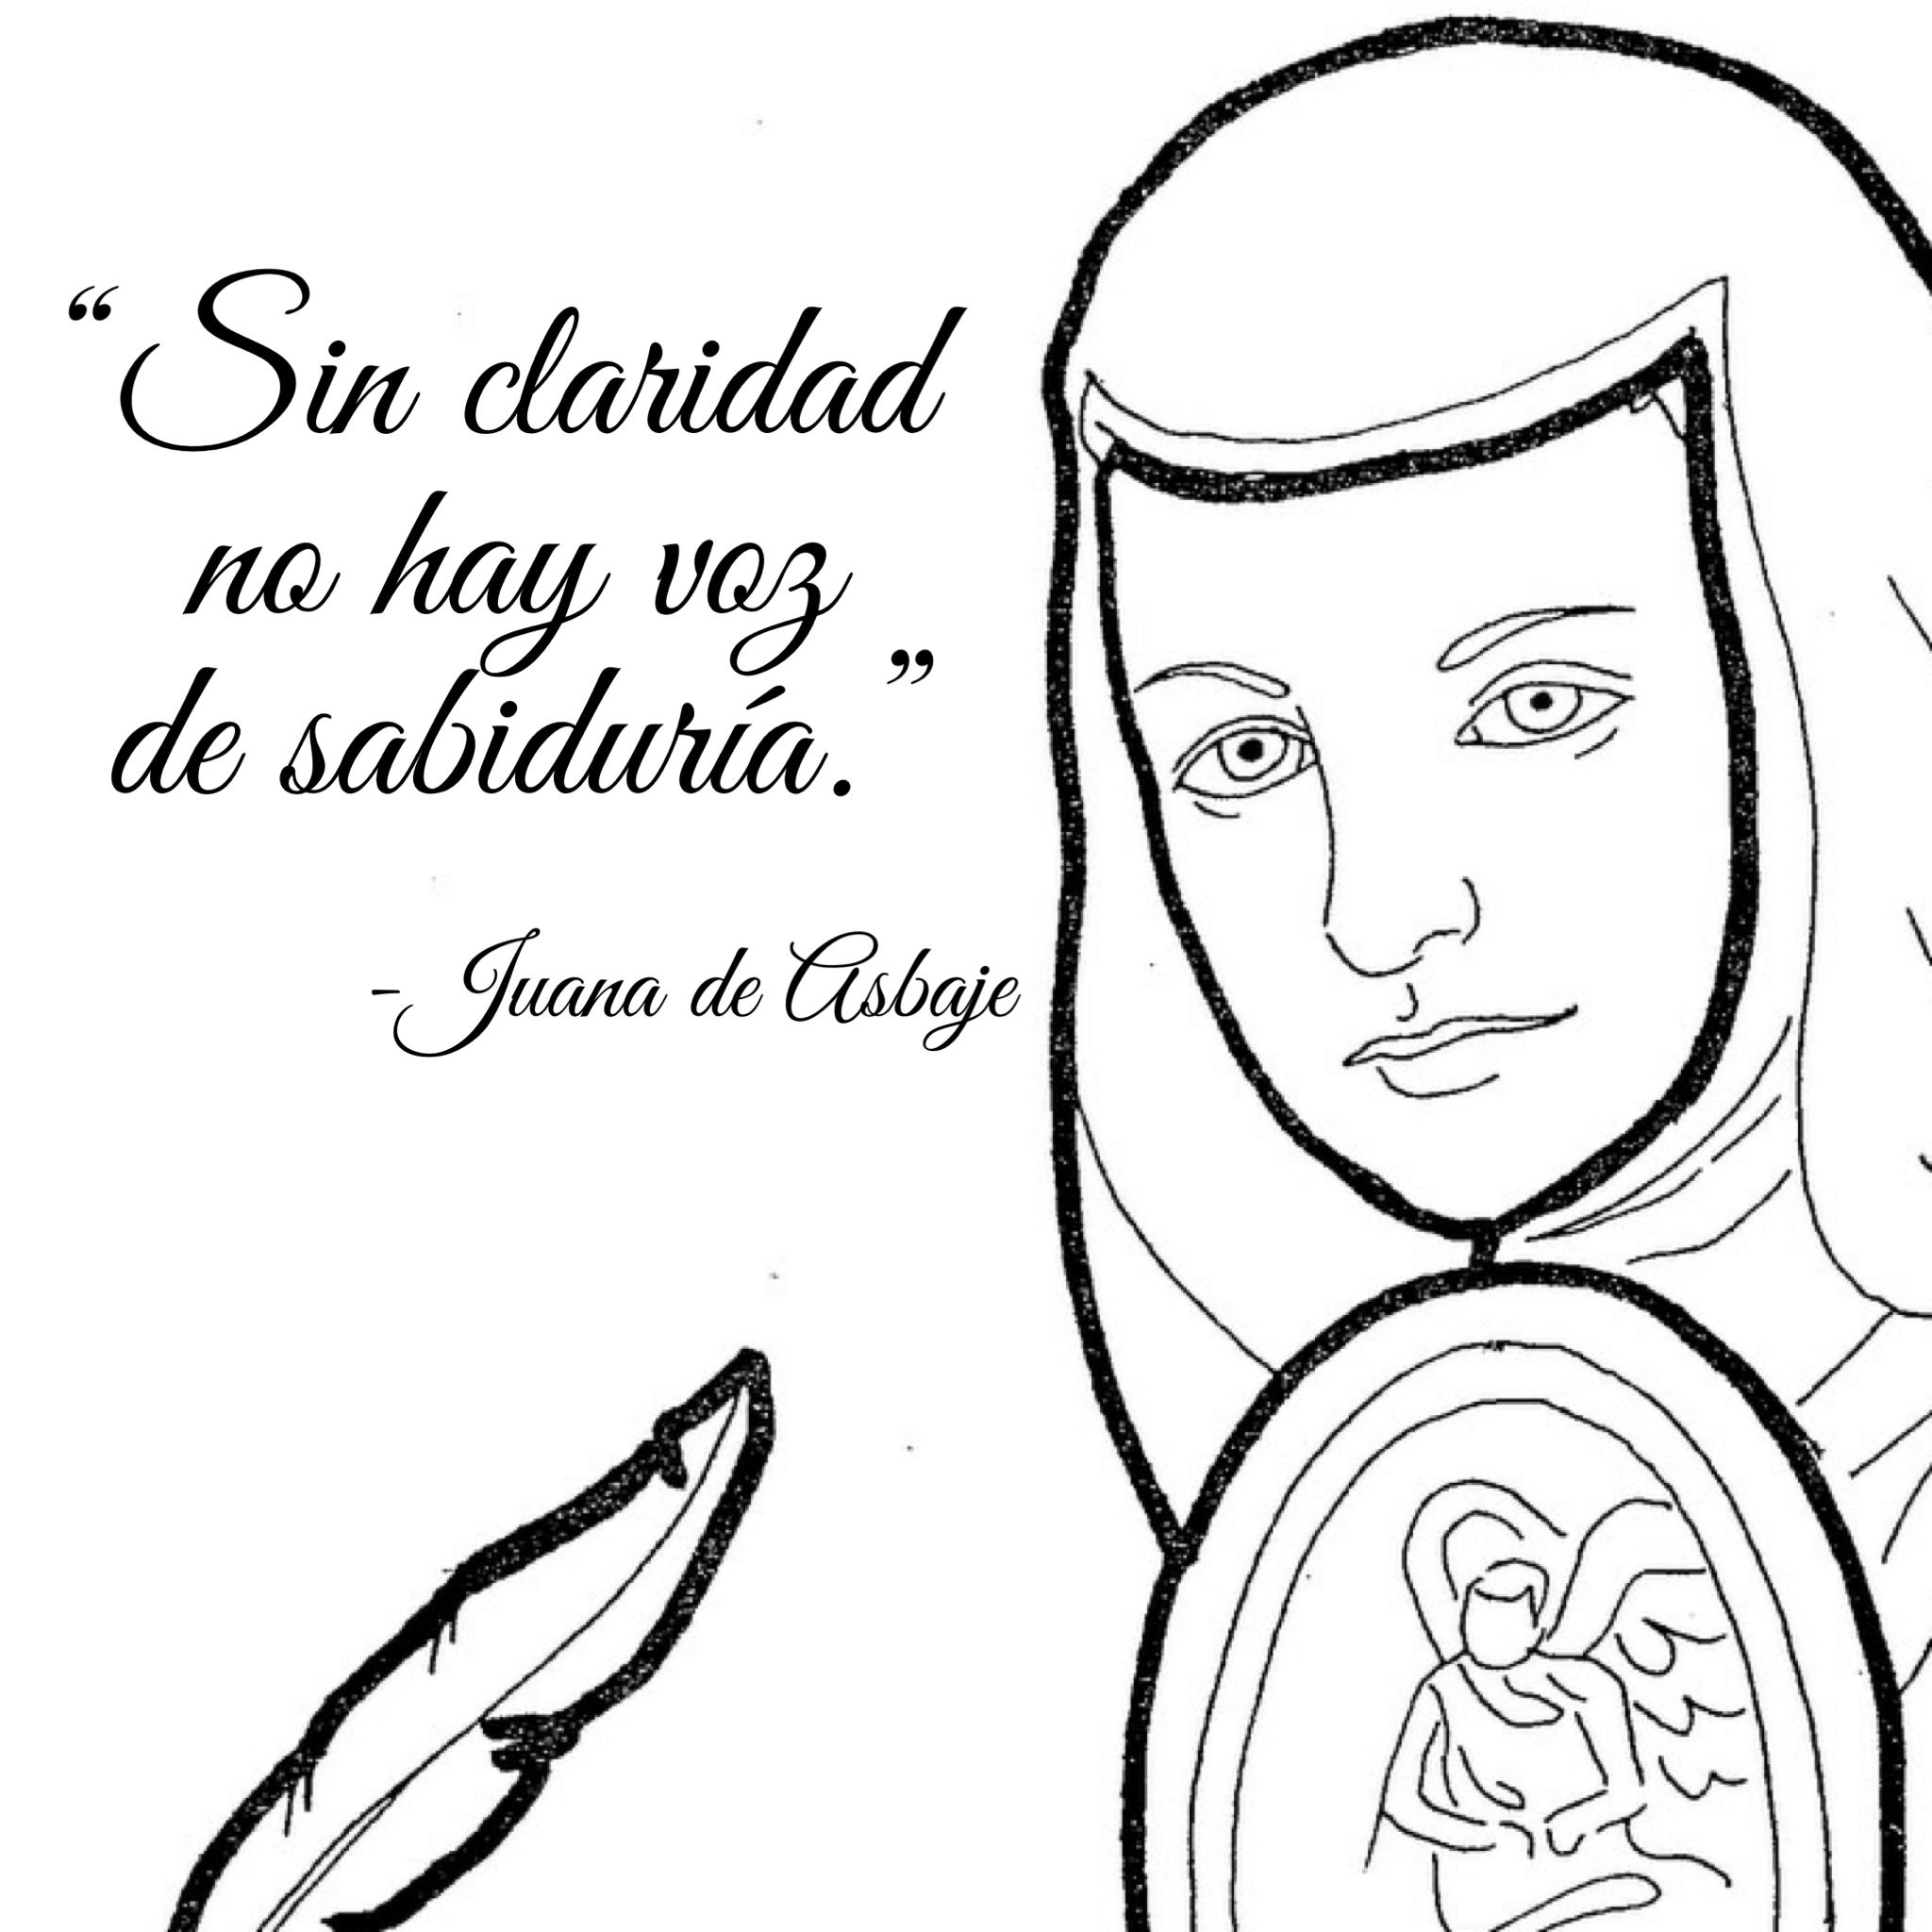 Poema Redondillas De Amor Sor Juana Ines De La Cruz